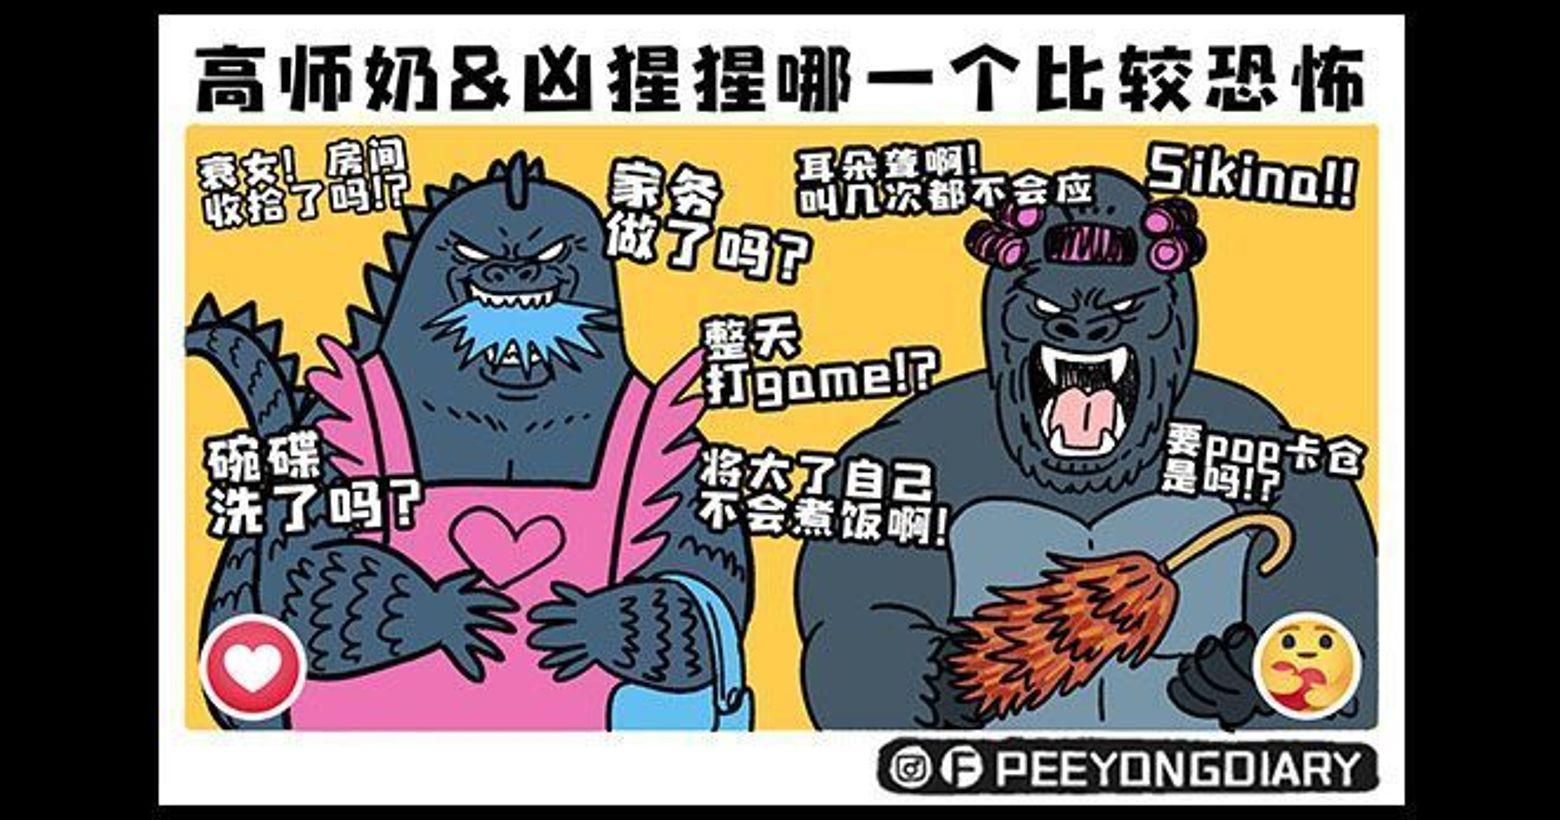 【高师奶&凶猩猩哪一个比较怕?】大家来投票吧!投票方式,写下方留言高师奶+1凶猩猩+2💟IG→&n